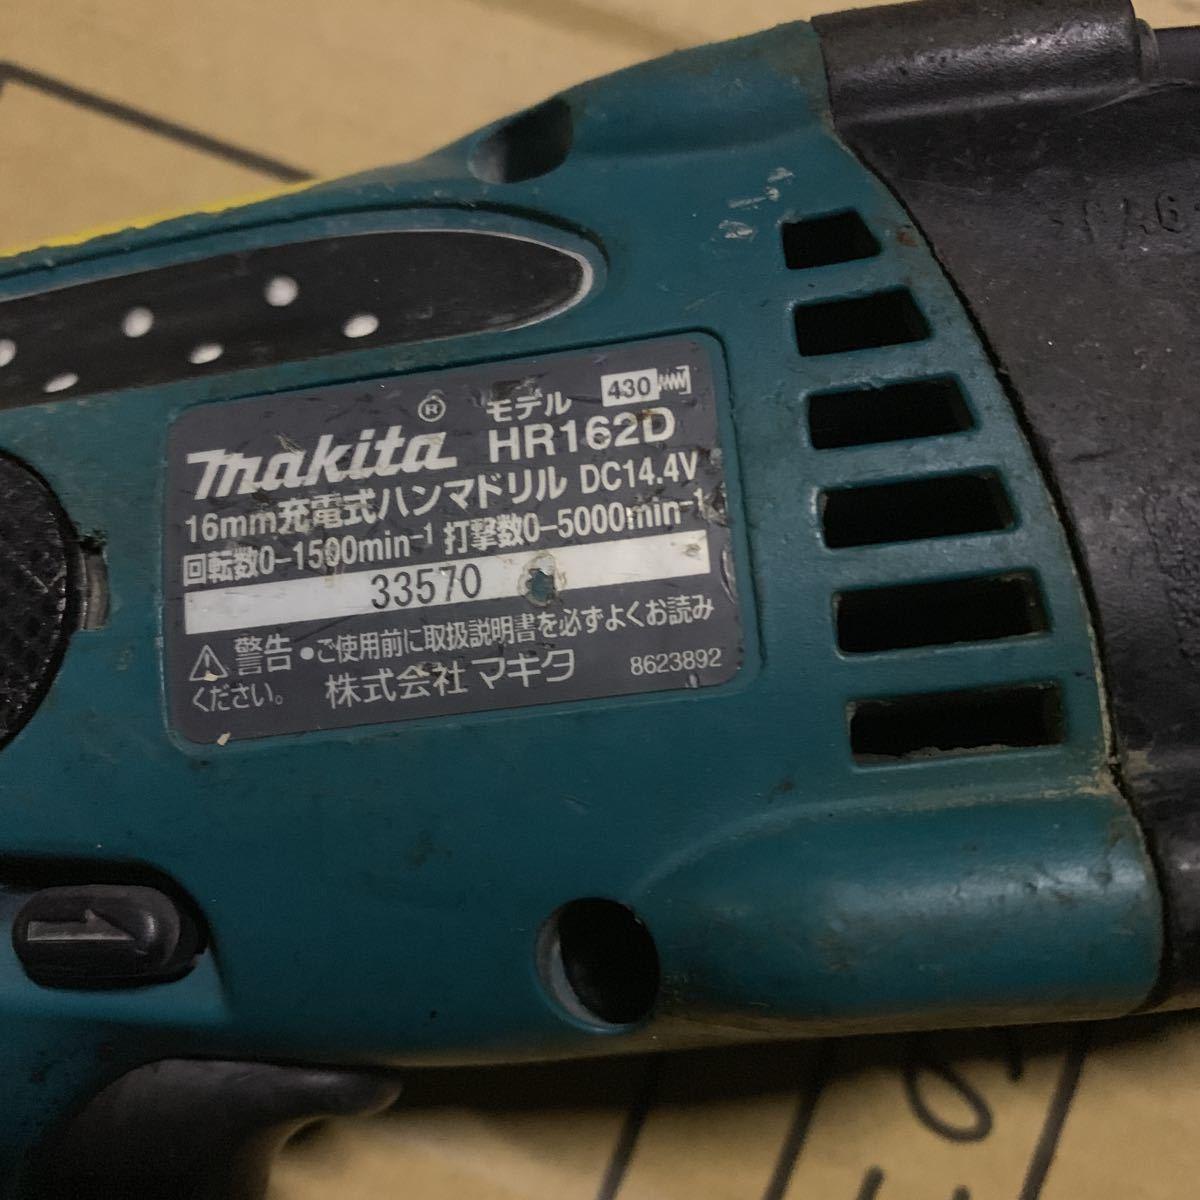 マキタ(MAKITA)HR162D 充電式 ハンマドリル(動作確認しました)_画像3